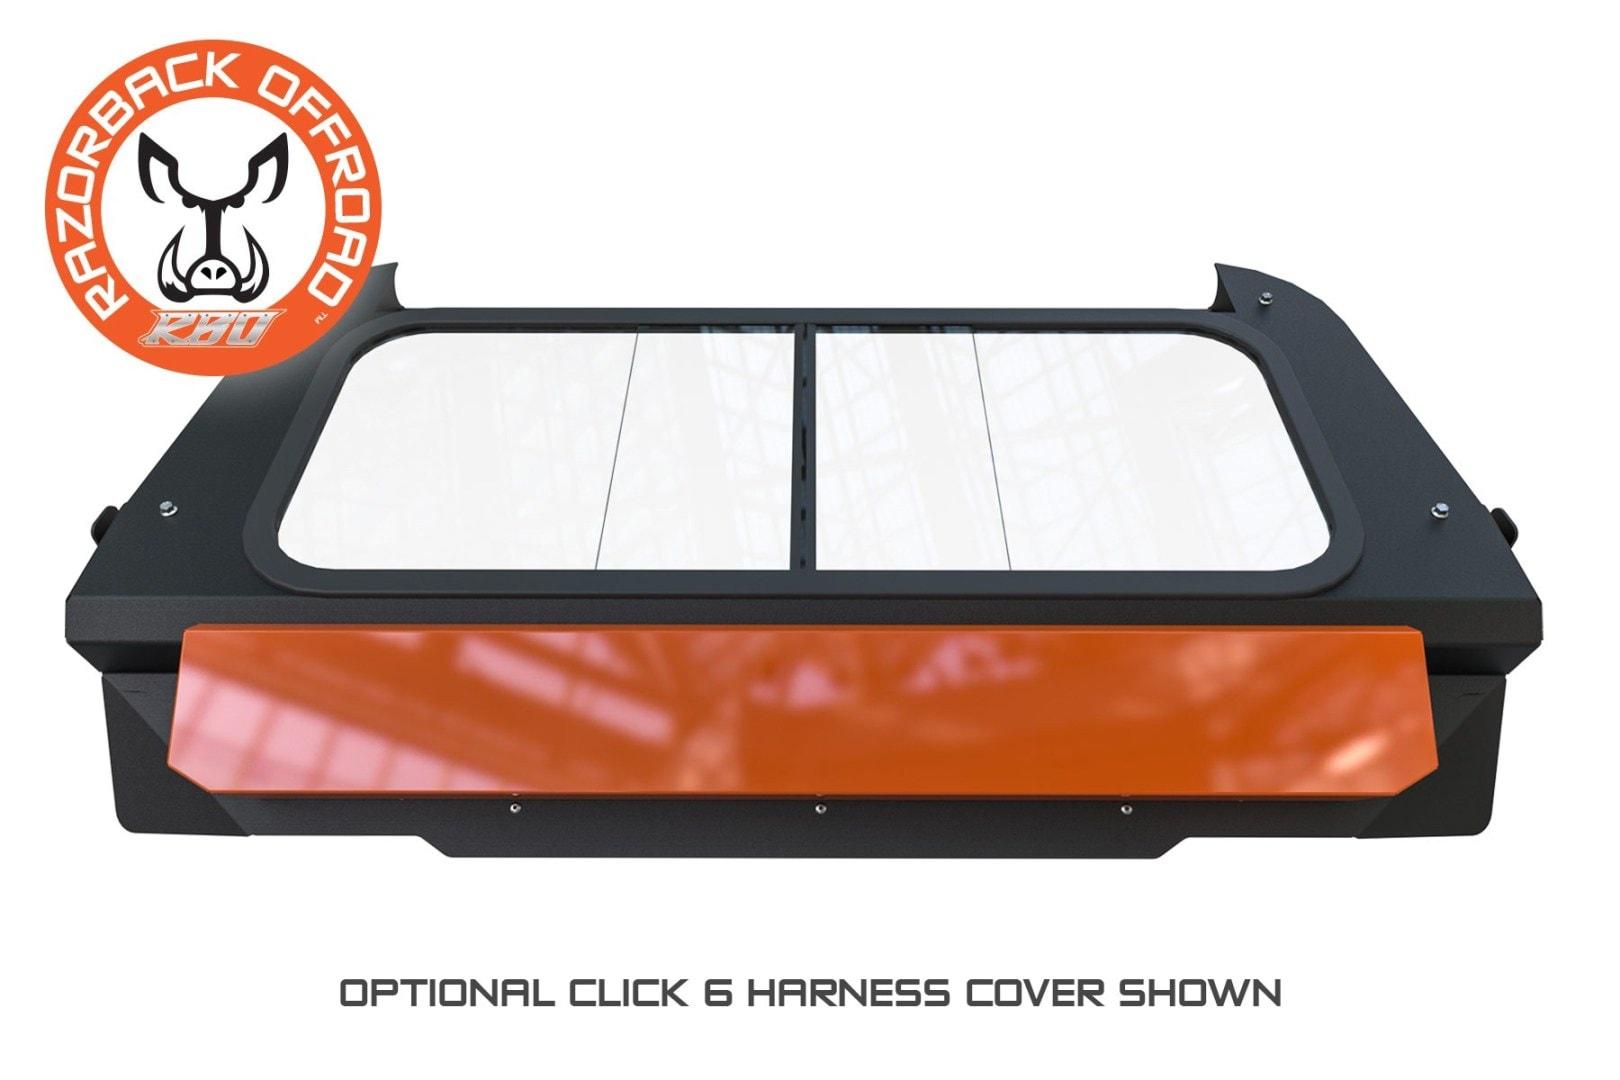 Razorback Offroad Retractable Harness Cover Polaris Rzr Xp